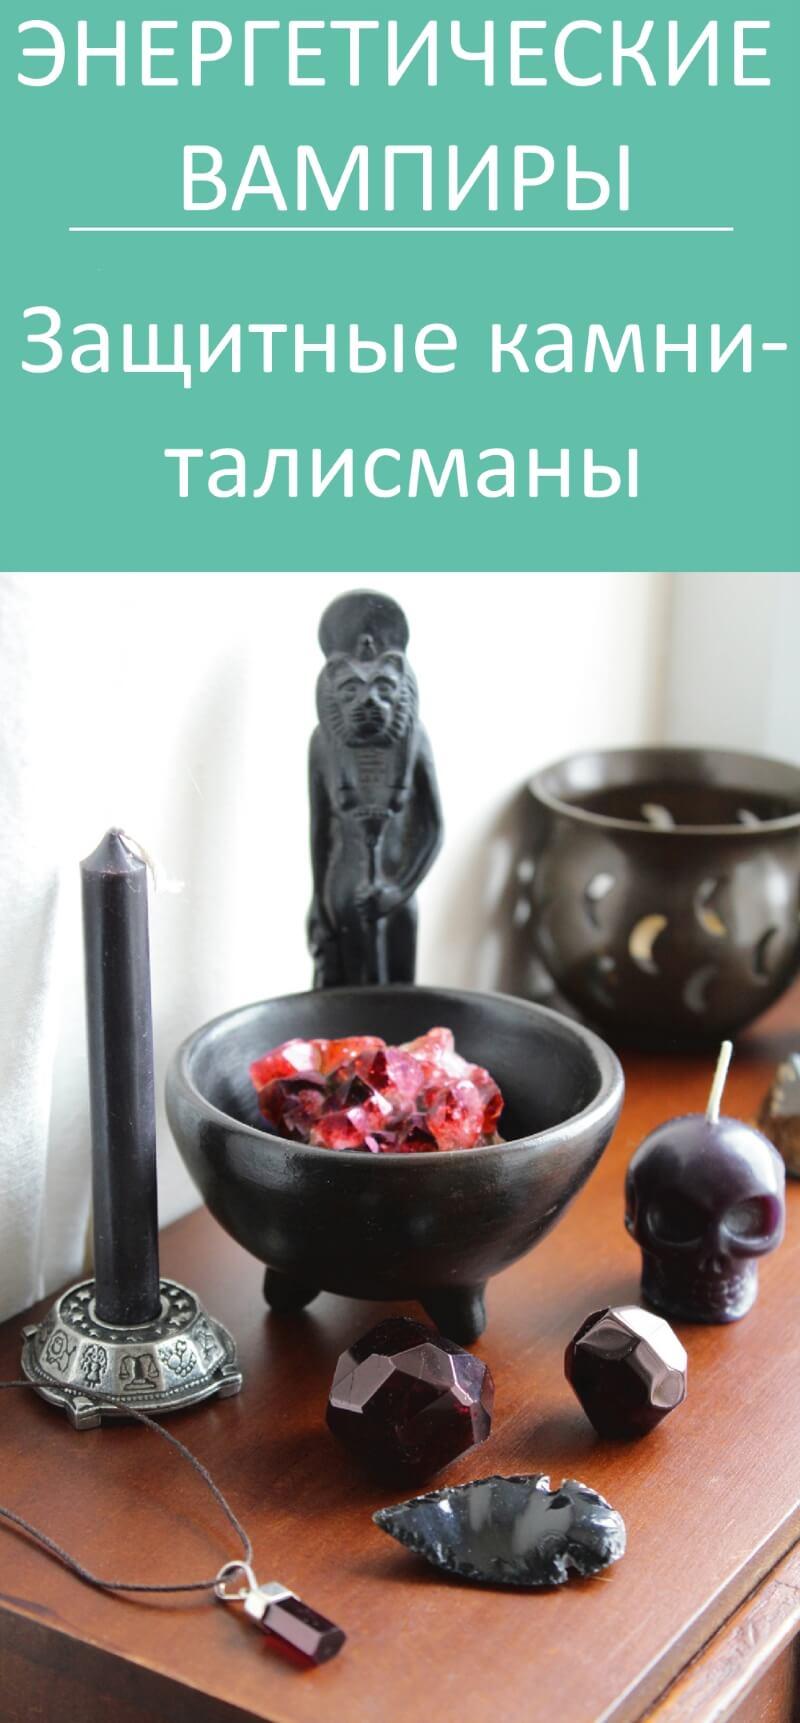 Камень амулет от энергетических вампиров с батюшков амулеты и талисманы практическая магия рун читать онлайн